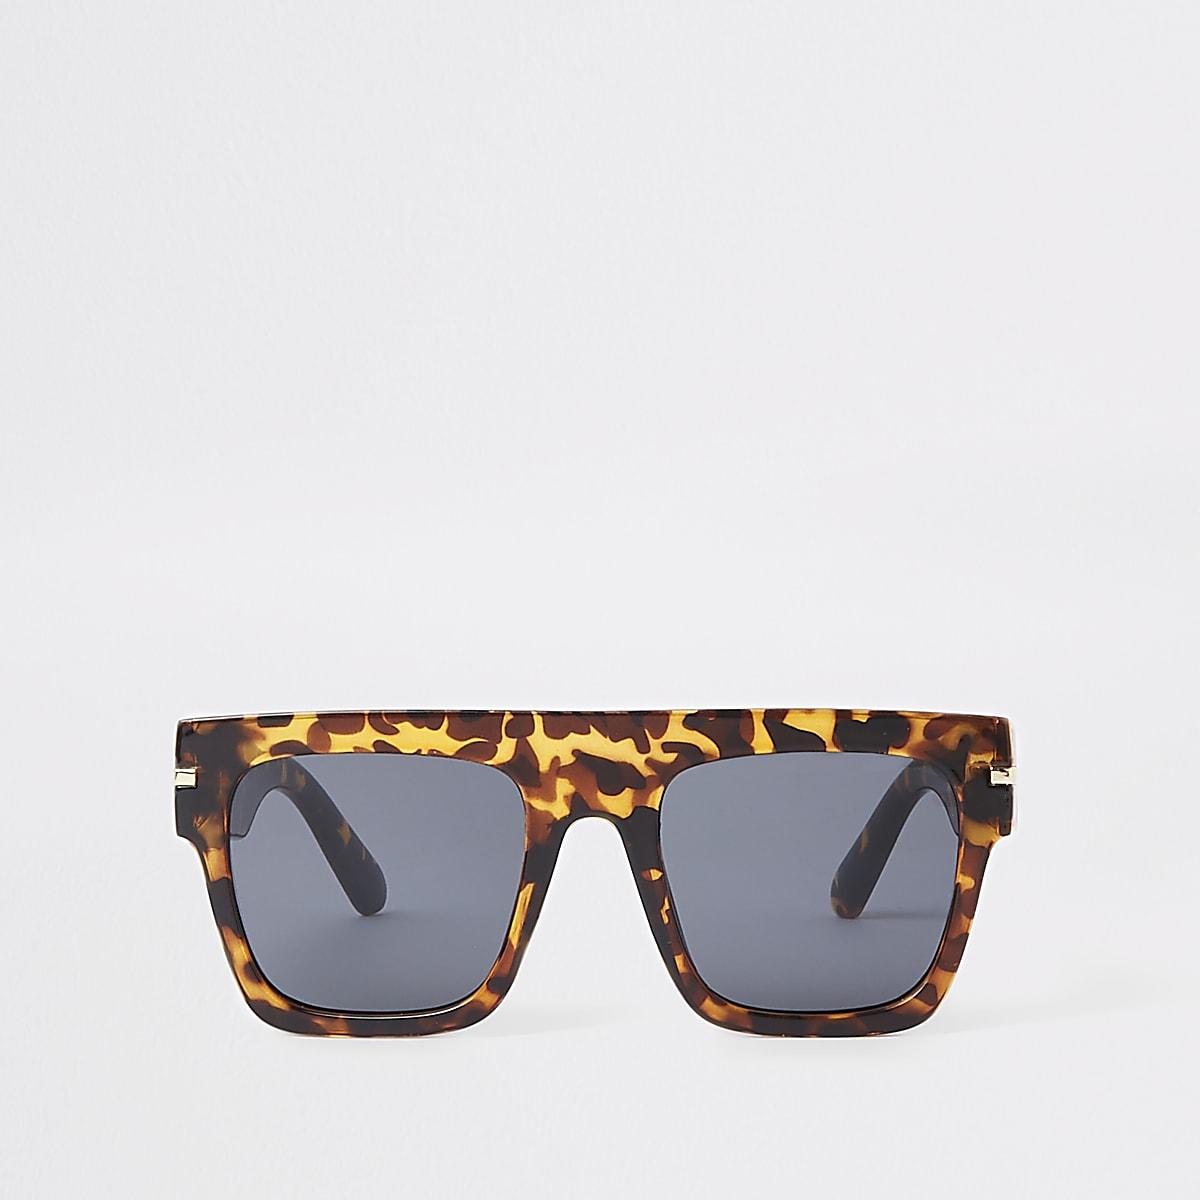 Braune Visor-Sonnenbrille